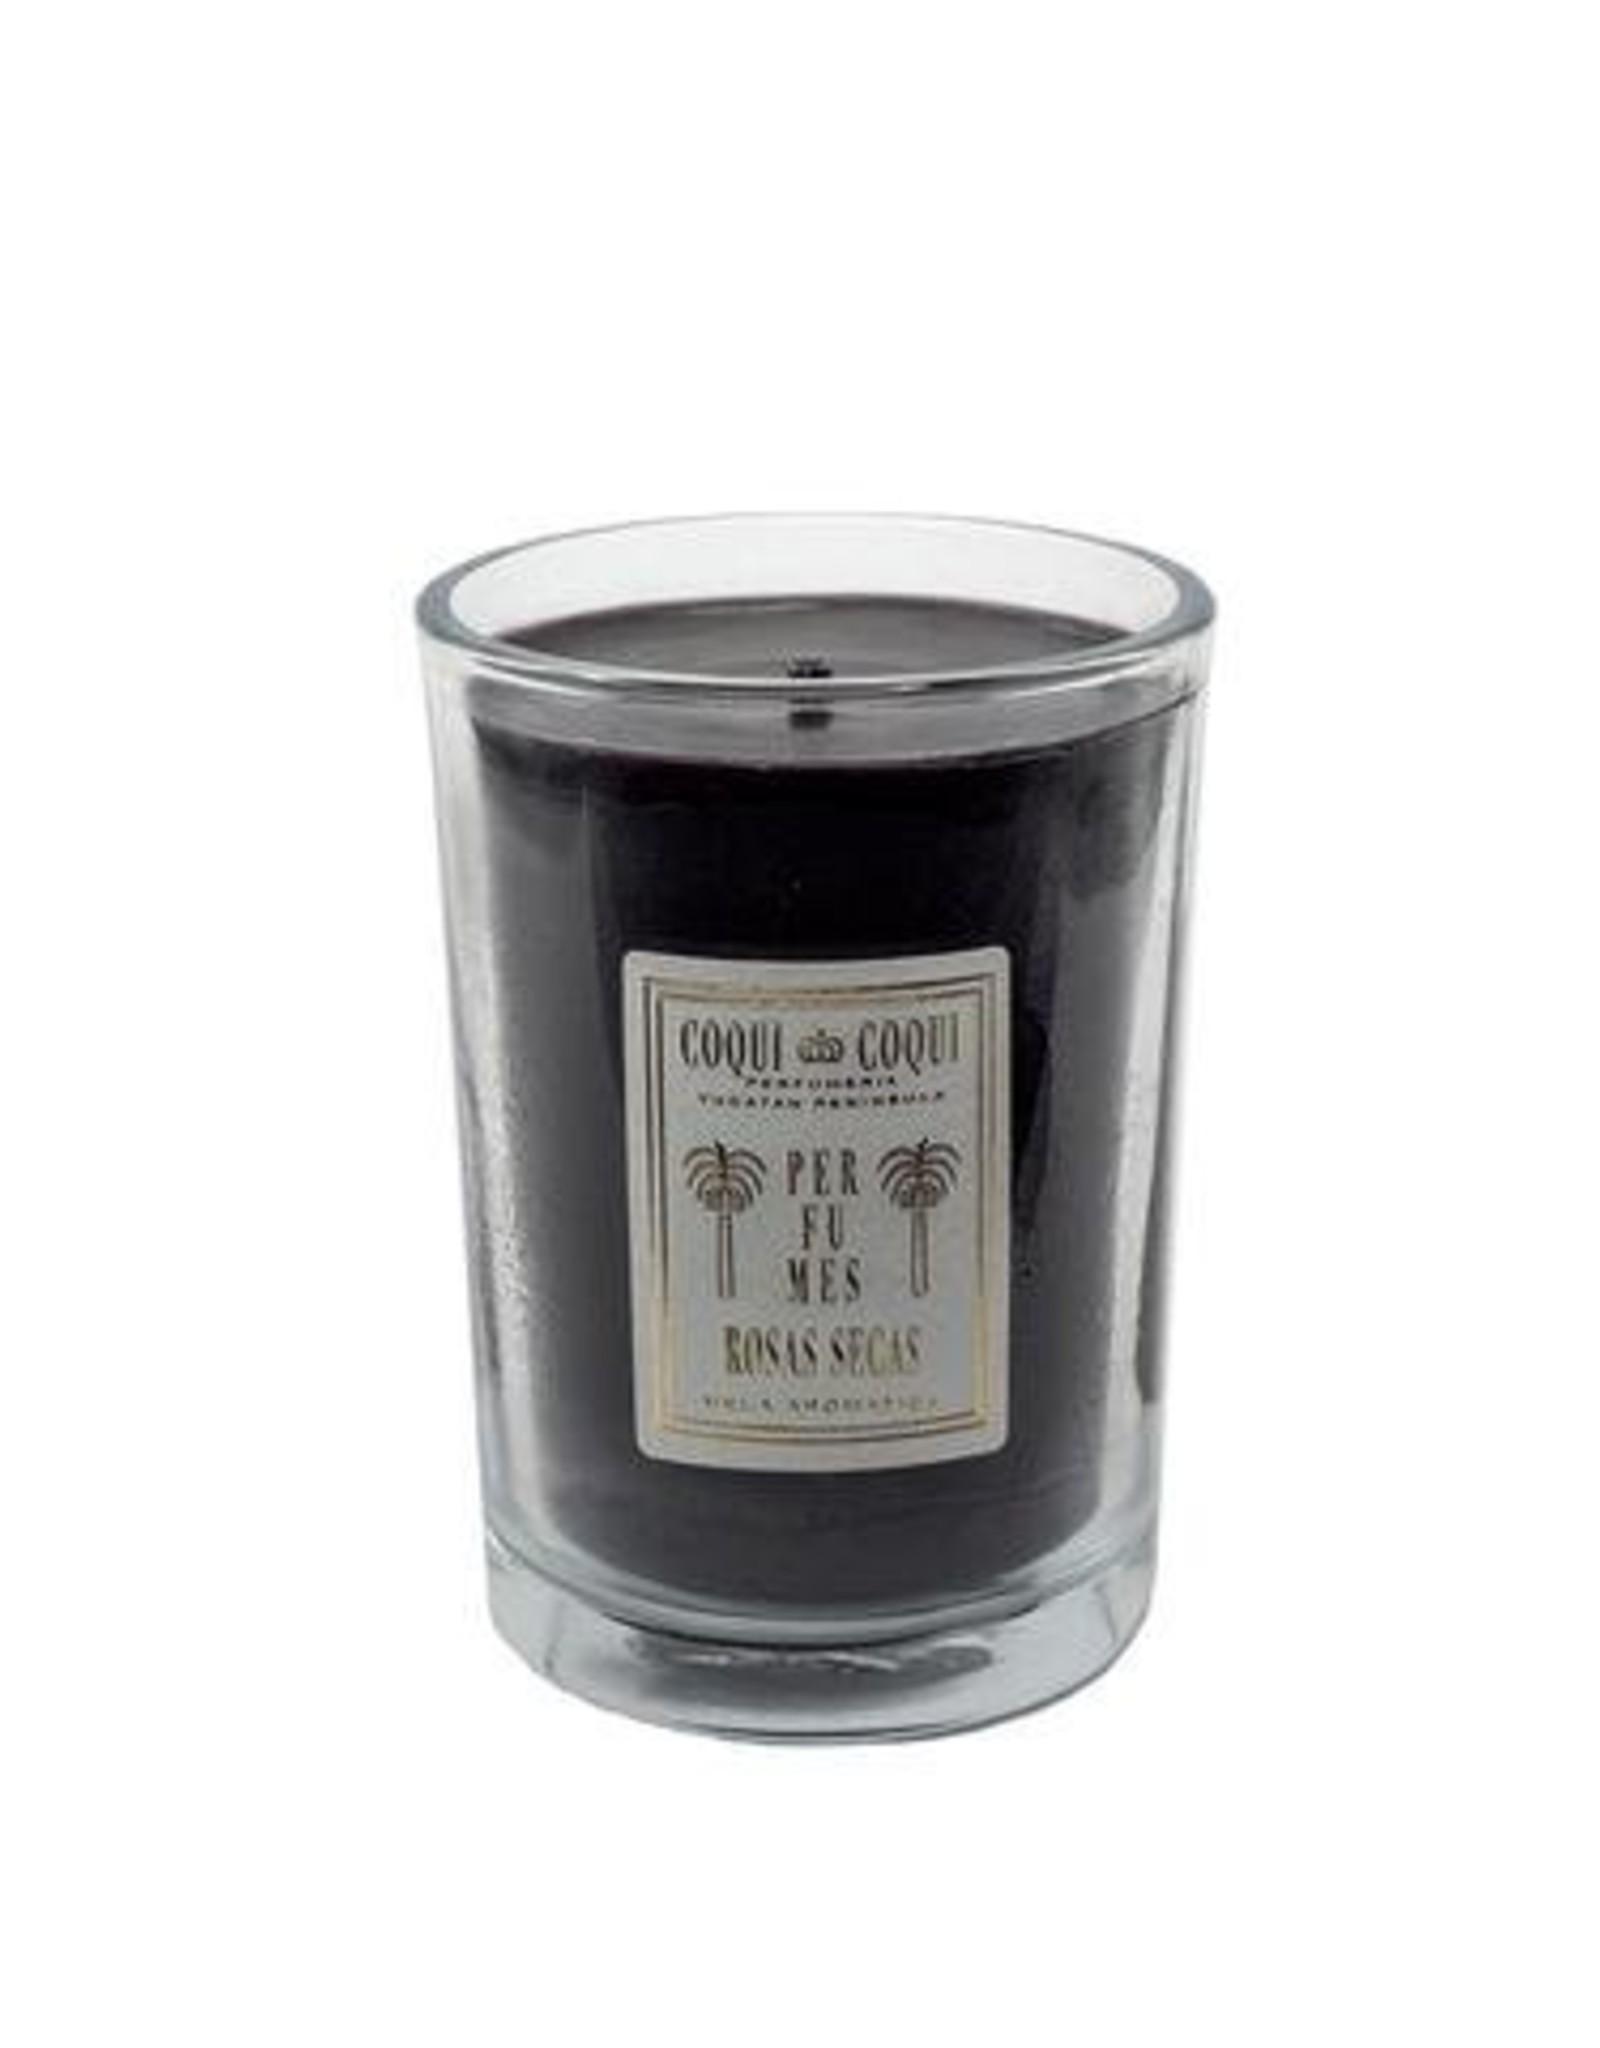 Coqui Coqui Perfumeria Rosas Secas candle